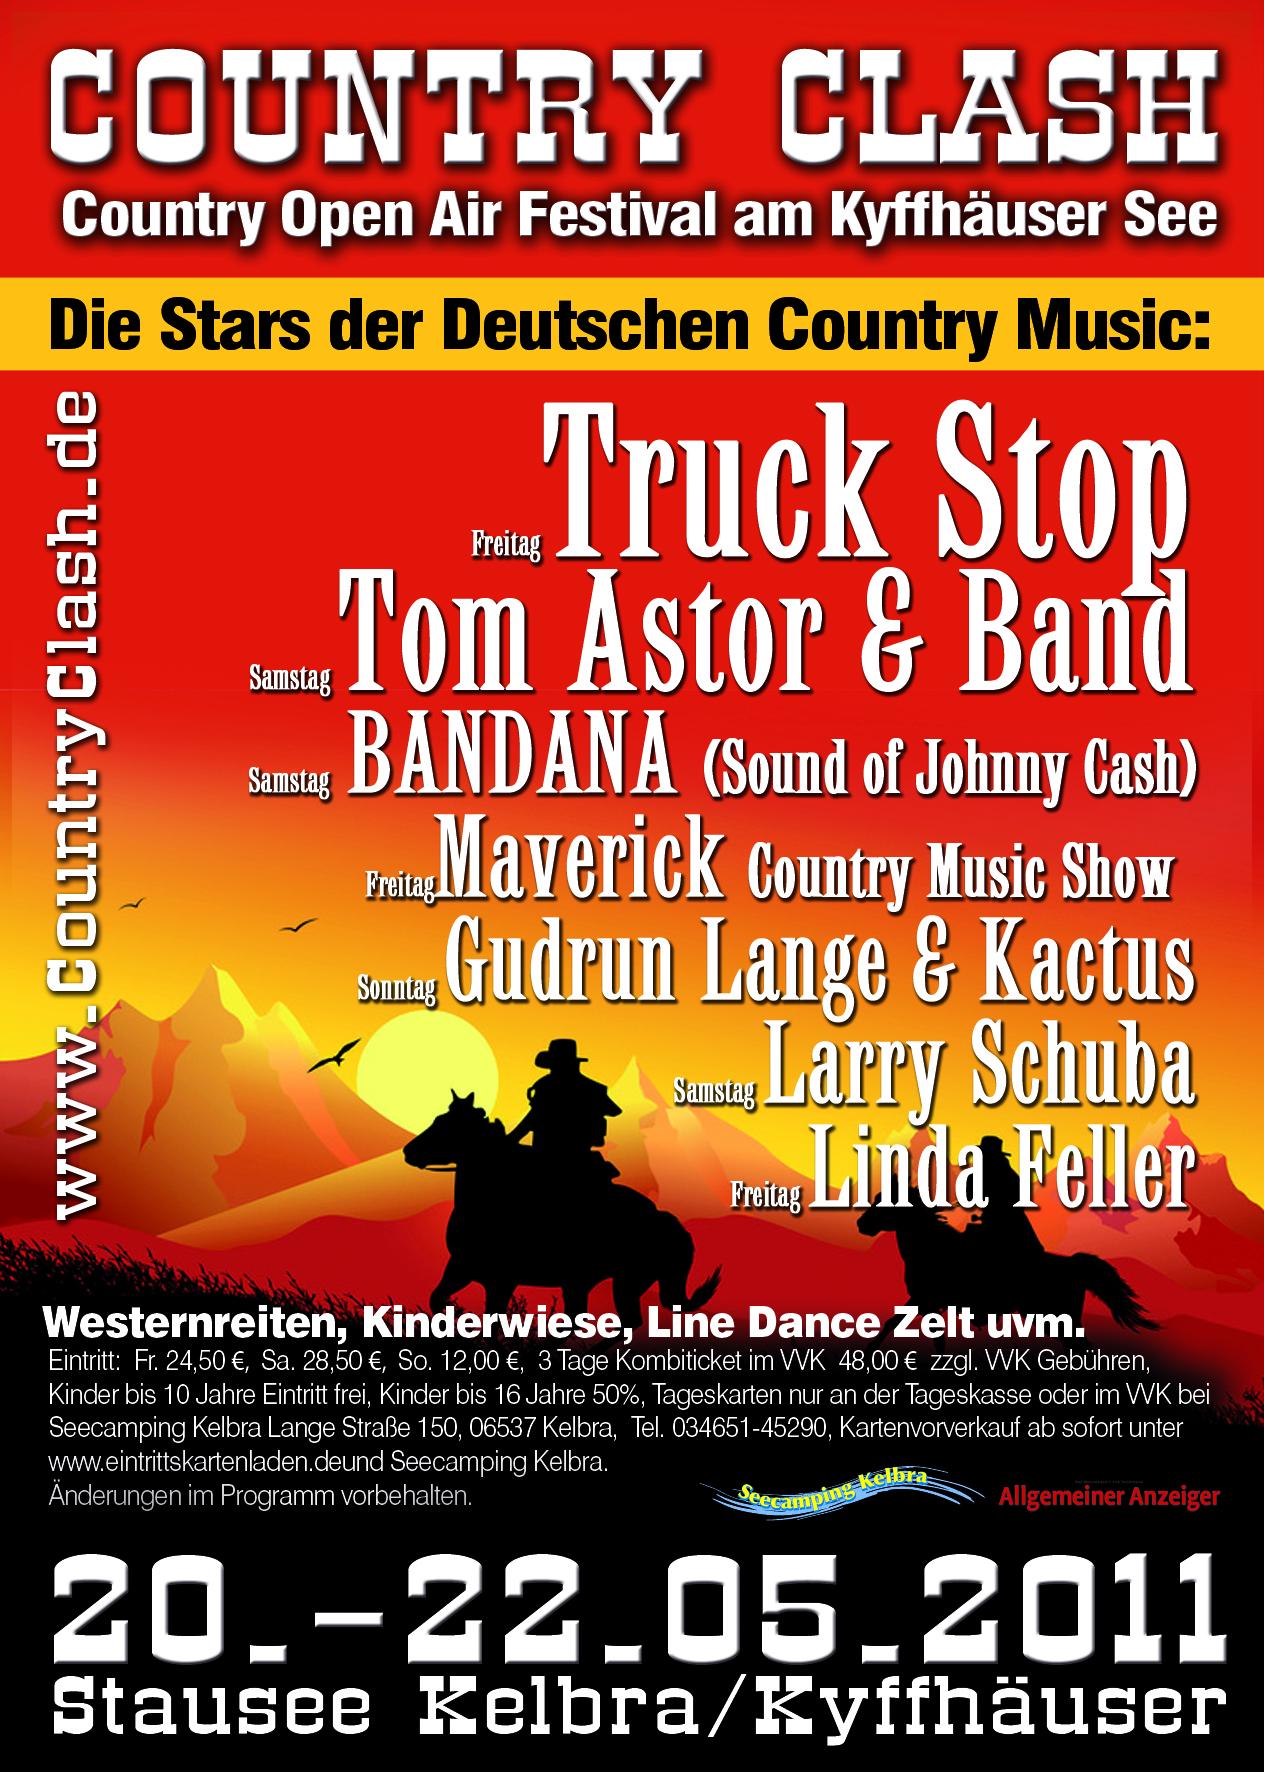 Countryband24.de - Country Clash